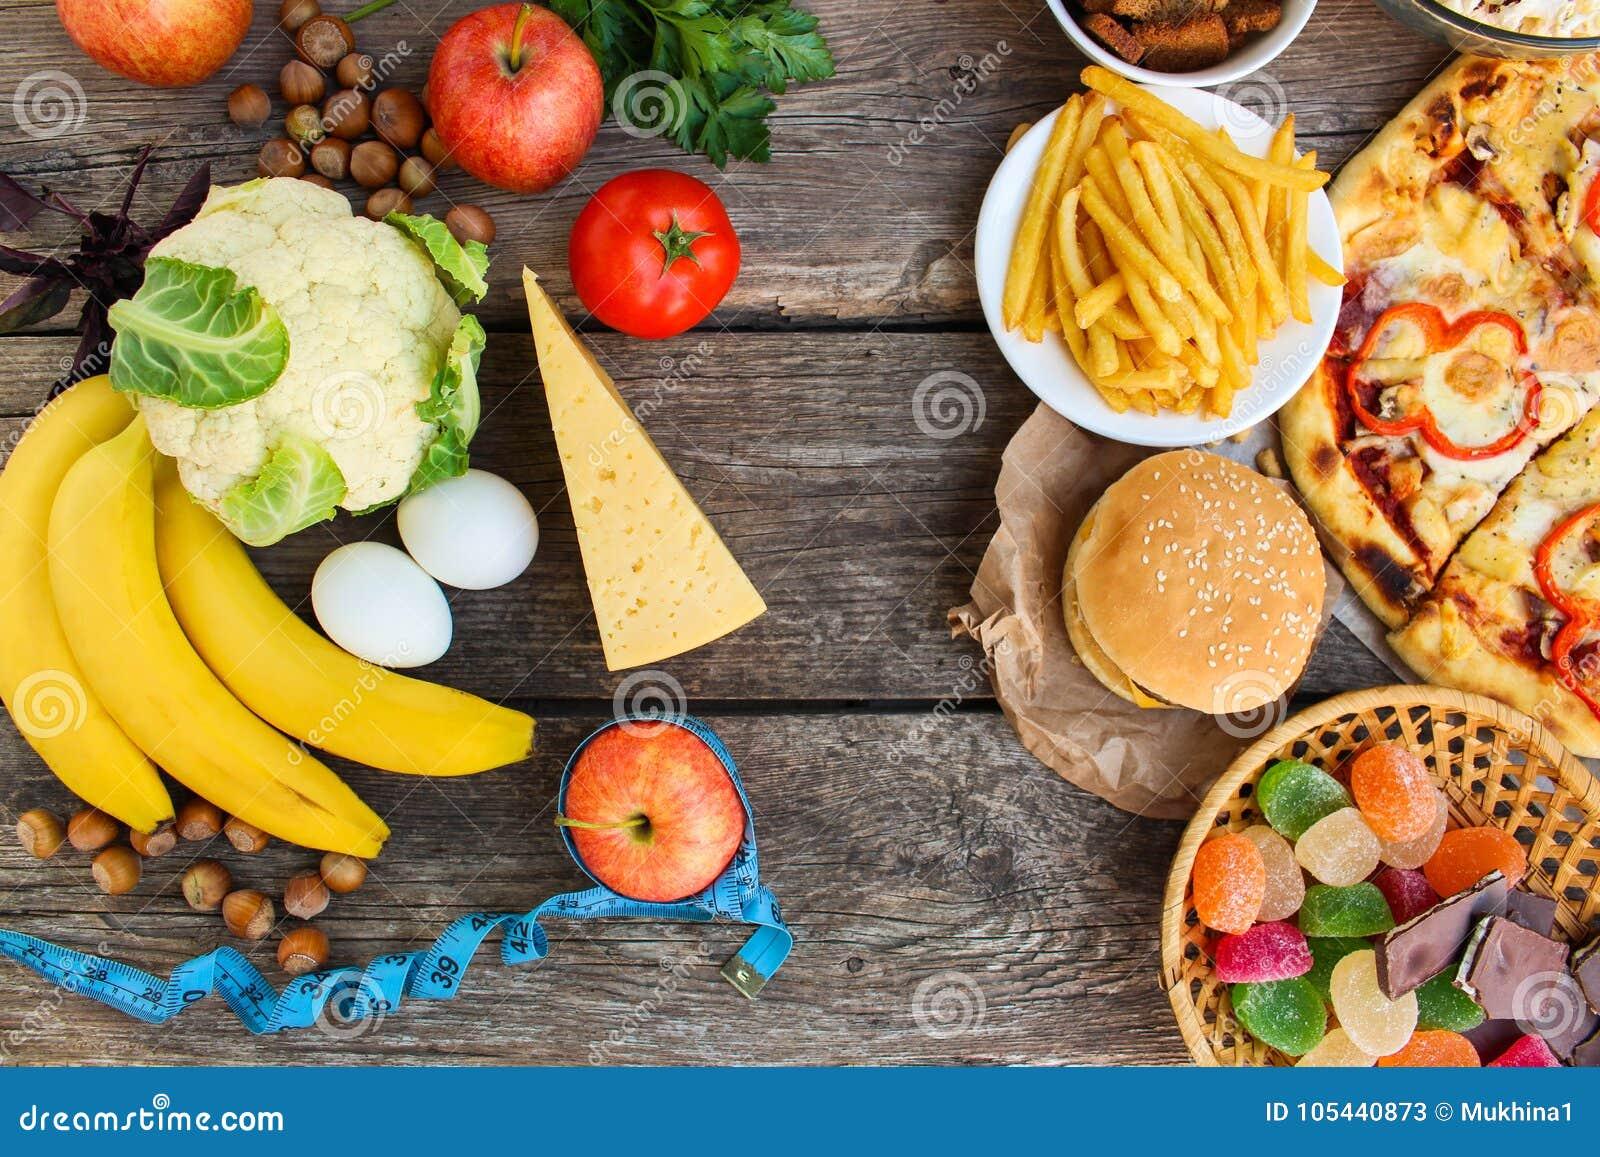 Γρήγορο γεύμα και υγιή τρόφιμα στο παλαιό ξύλινο υπόβαθρο Έννοια που επιλέγει τη σωστή διατροφή ή της κατανάλωσης παλιοπραγμάτων